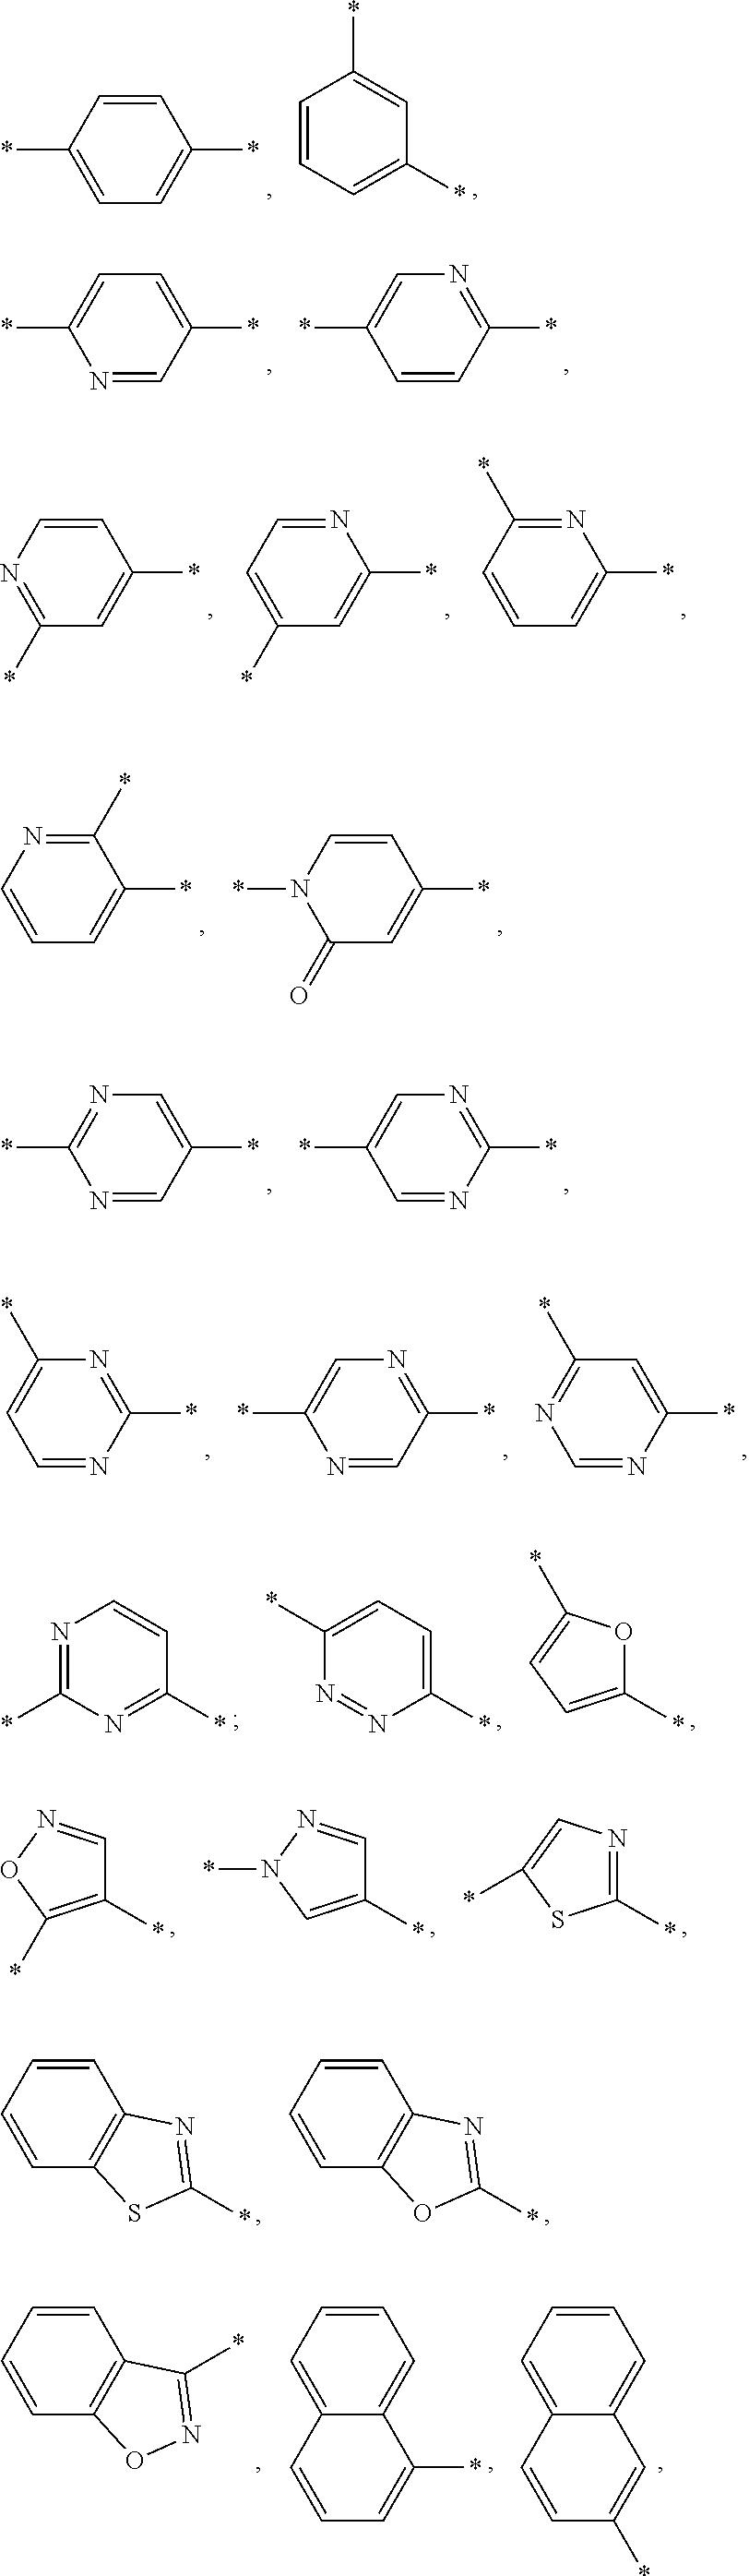 Figure US08835472-20140916-C00003